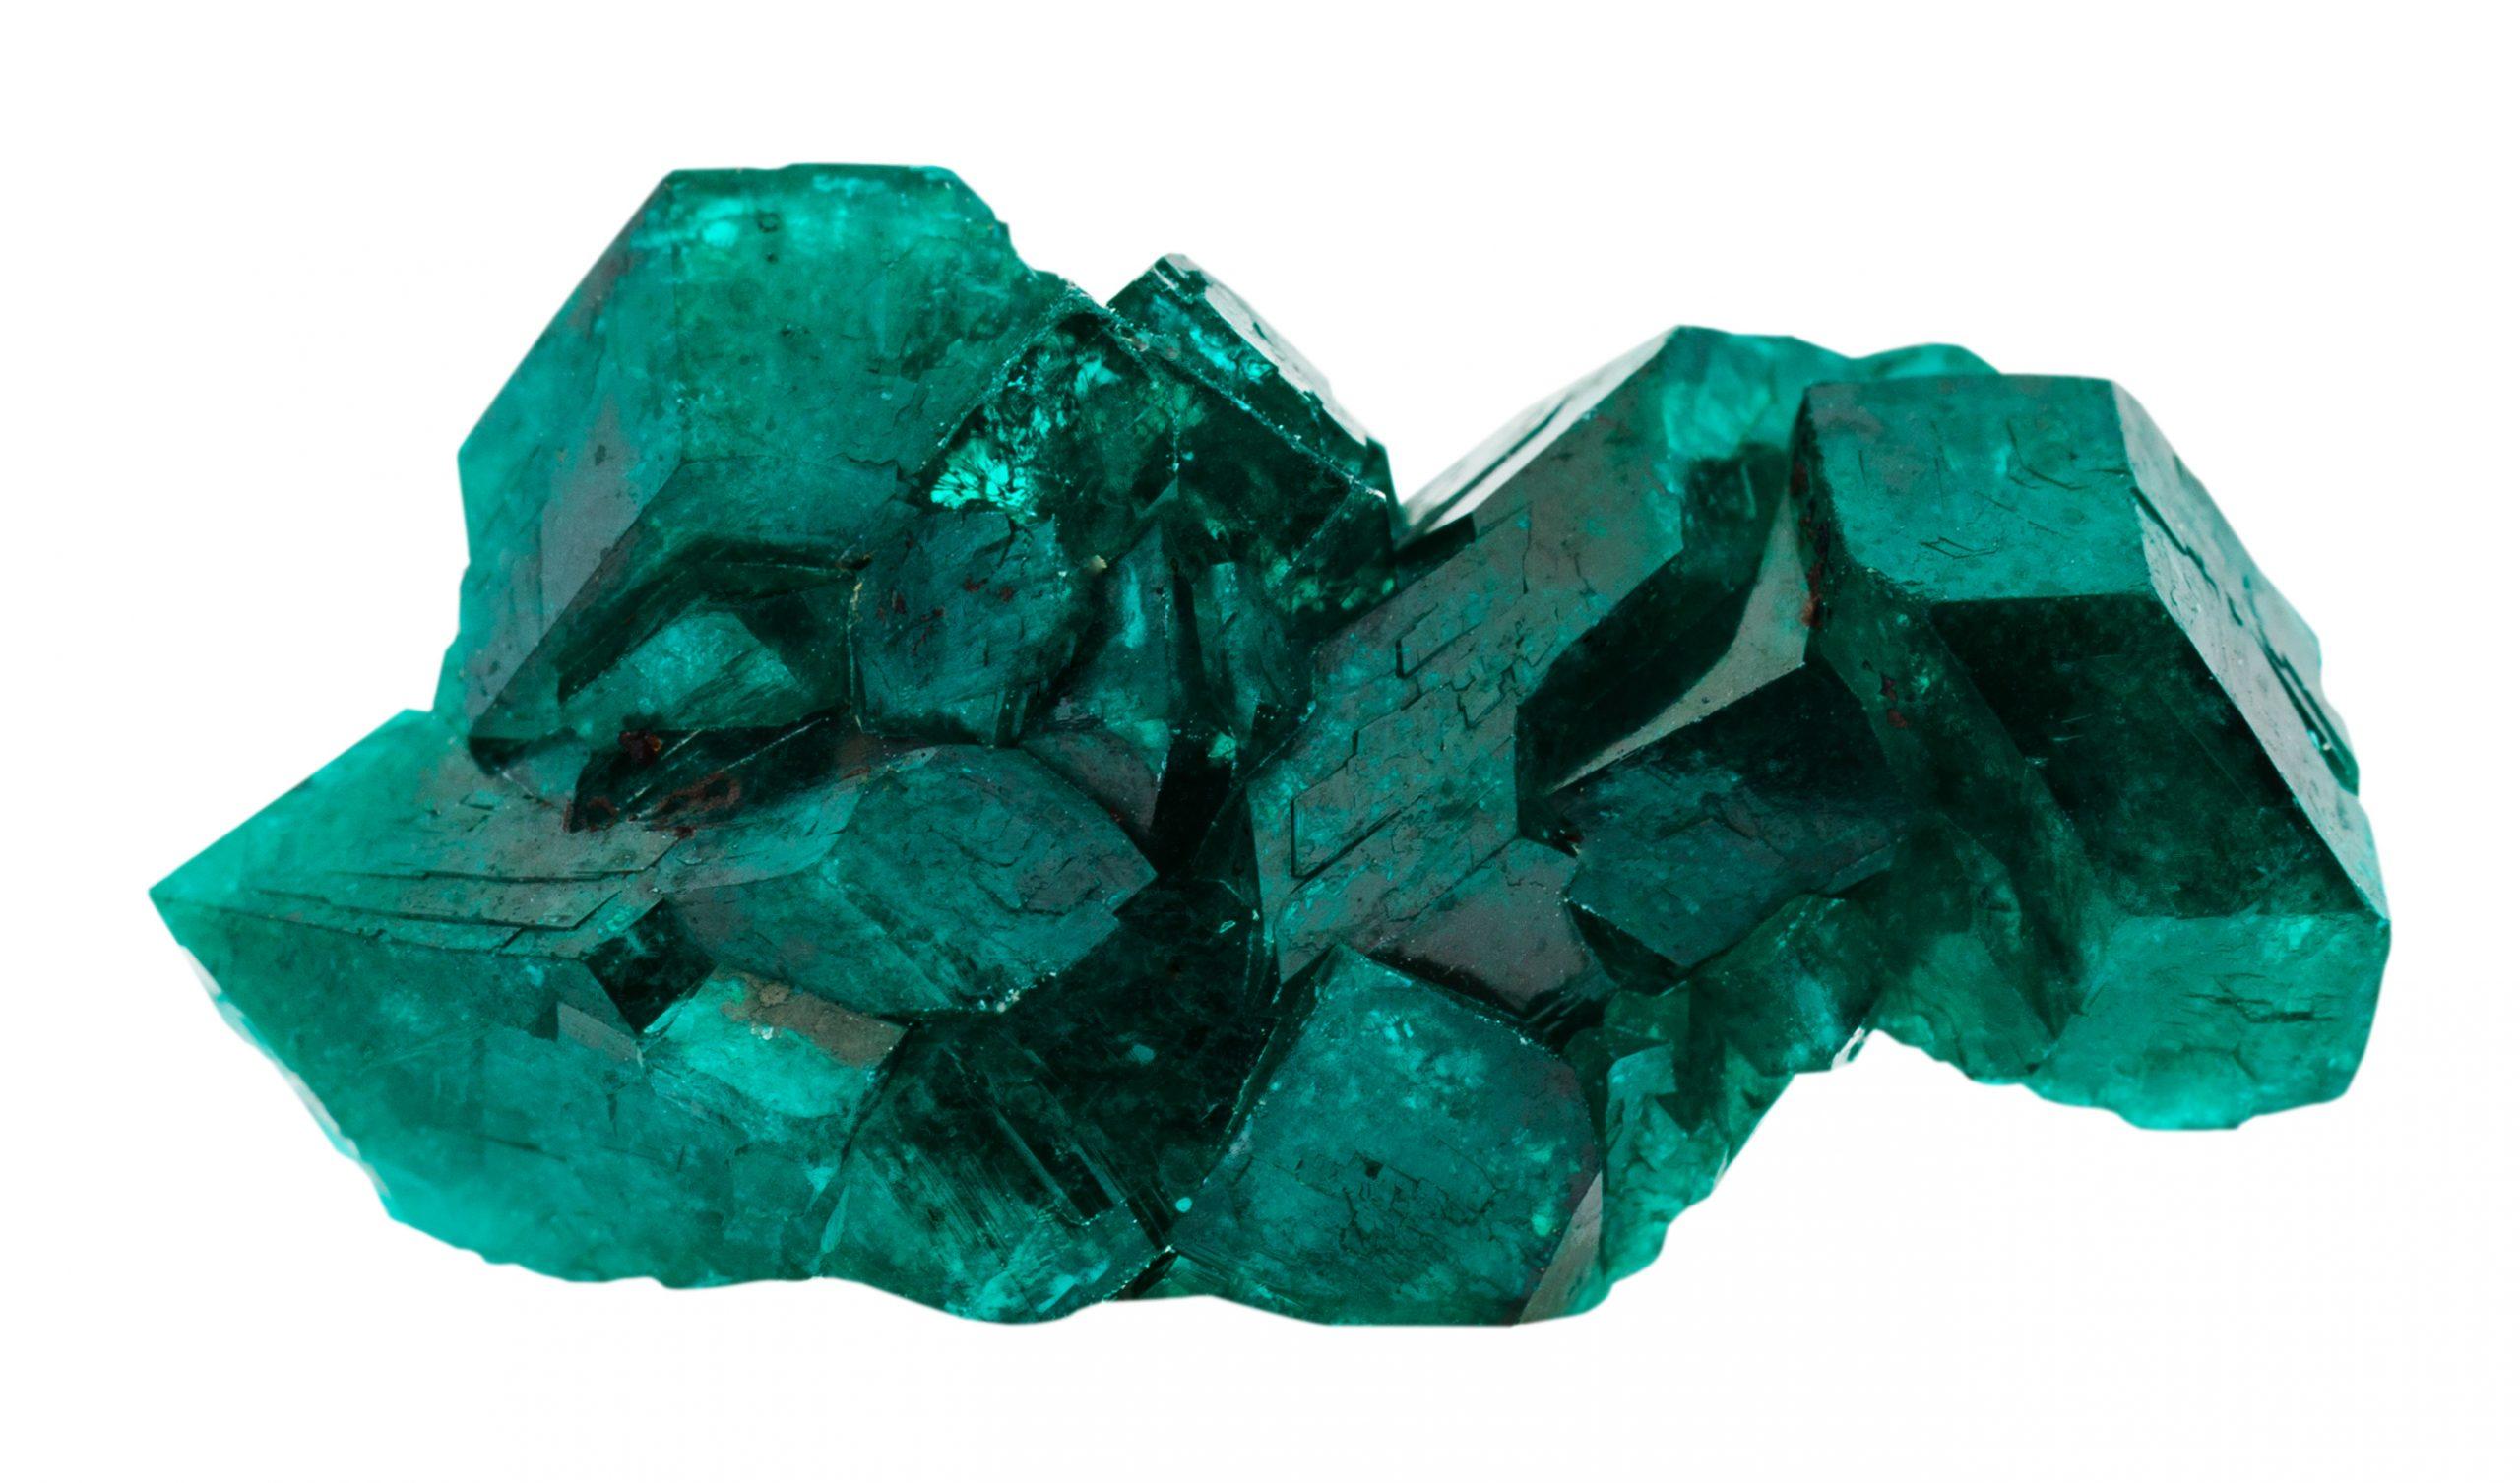 Ajudante de pedreiro receberá esmeraldas em acordo na Justiça do Trabalho